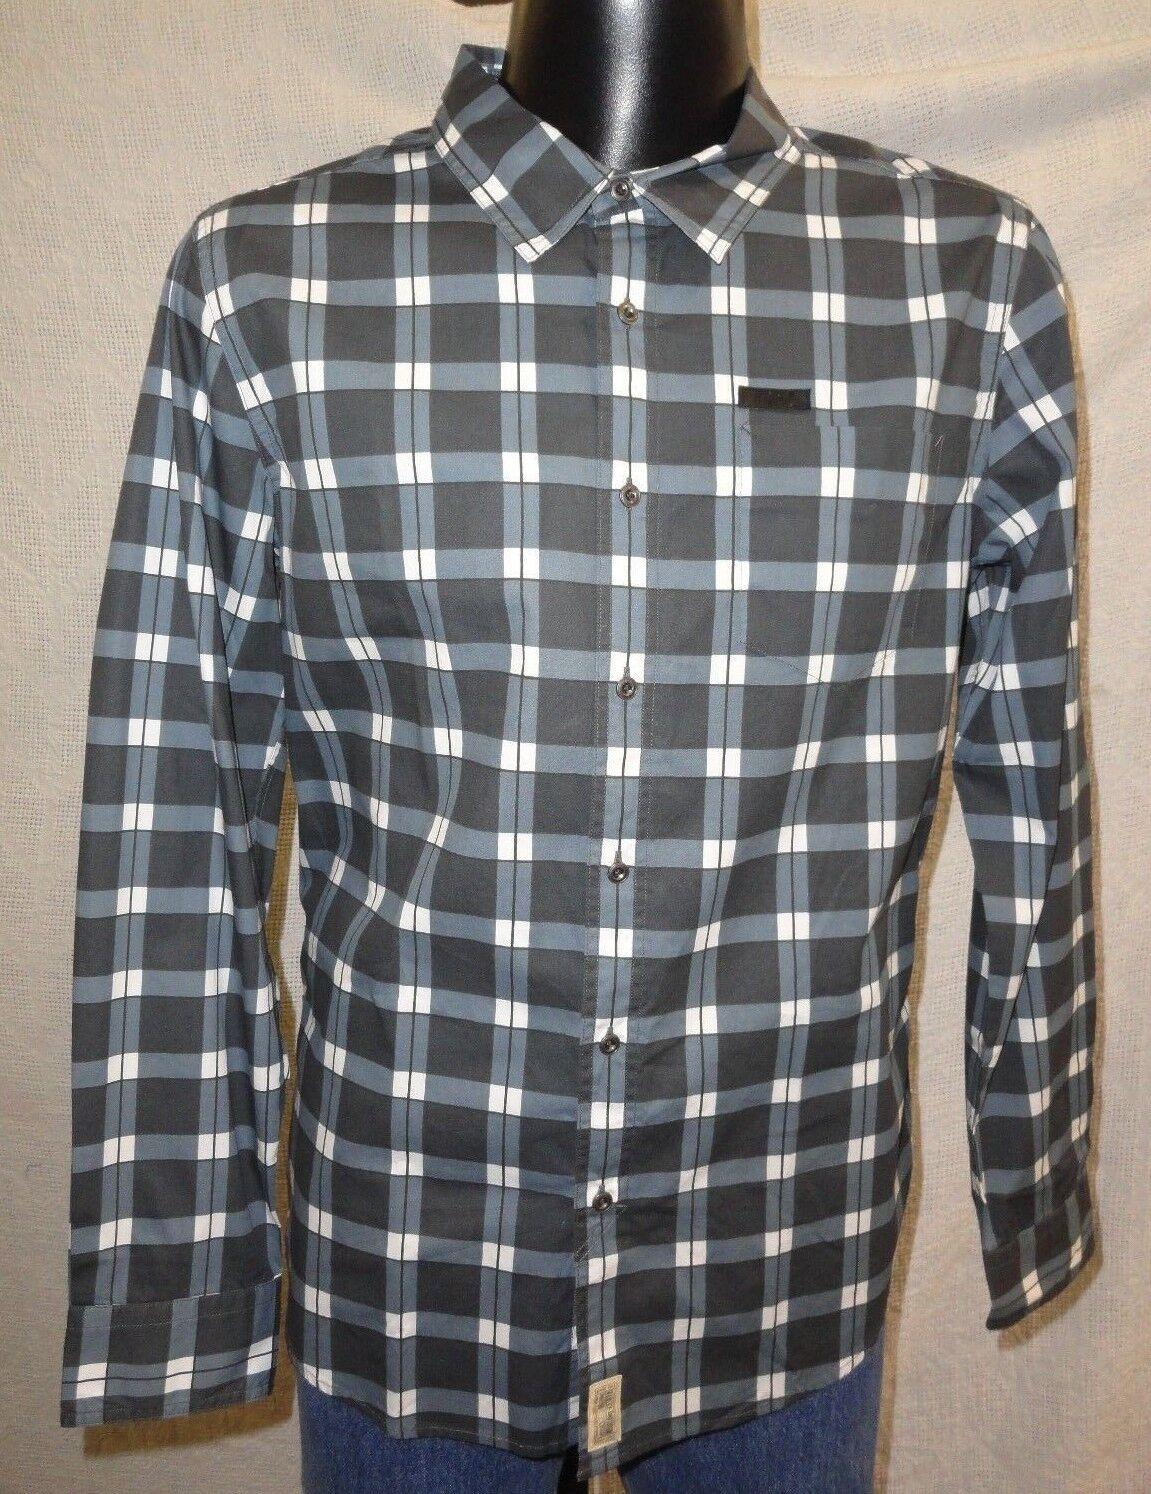 Harley Davidson Men's Printed Plaid Shirt